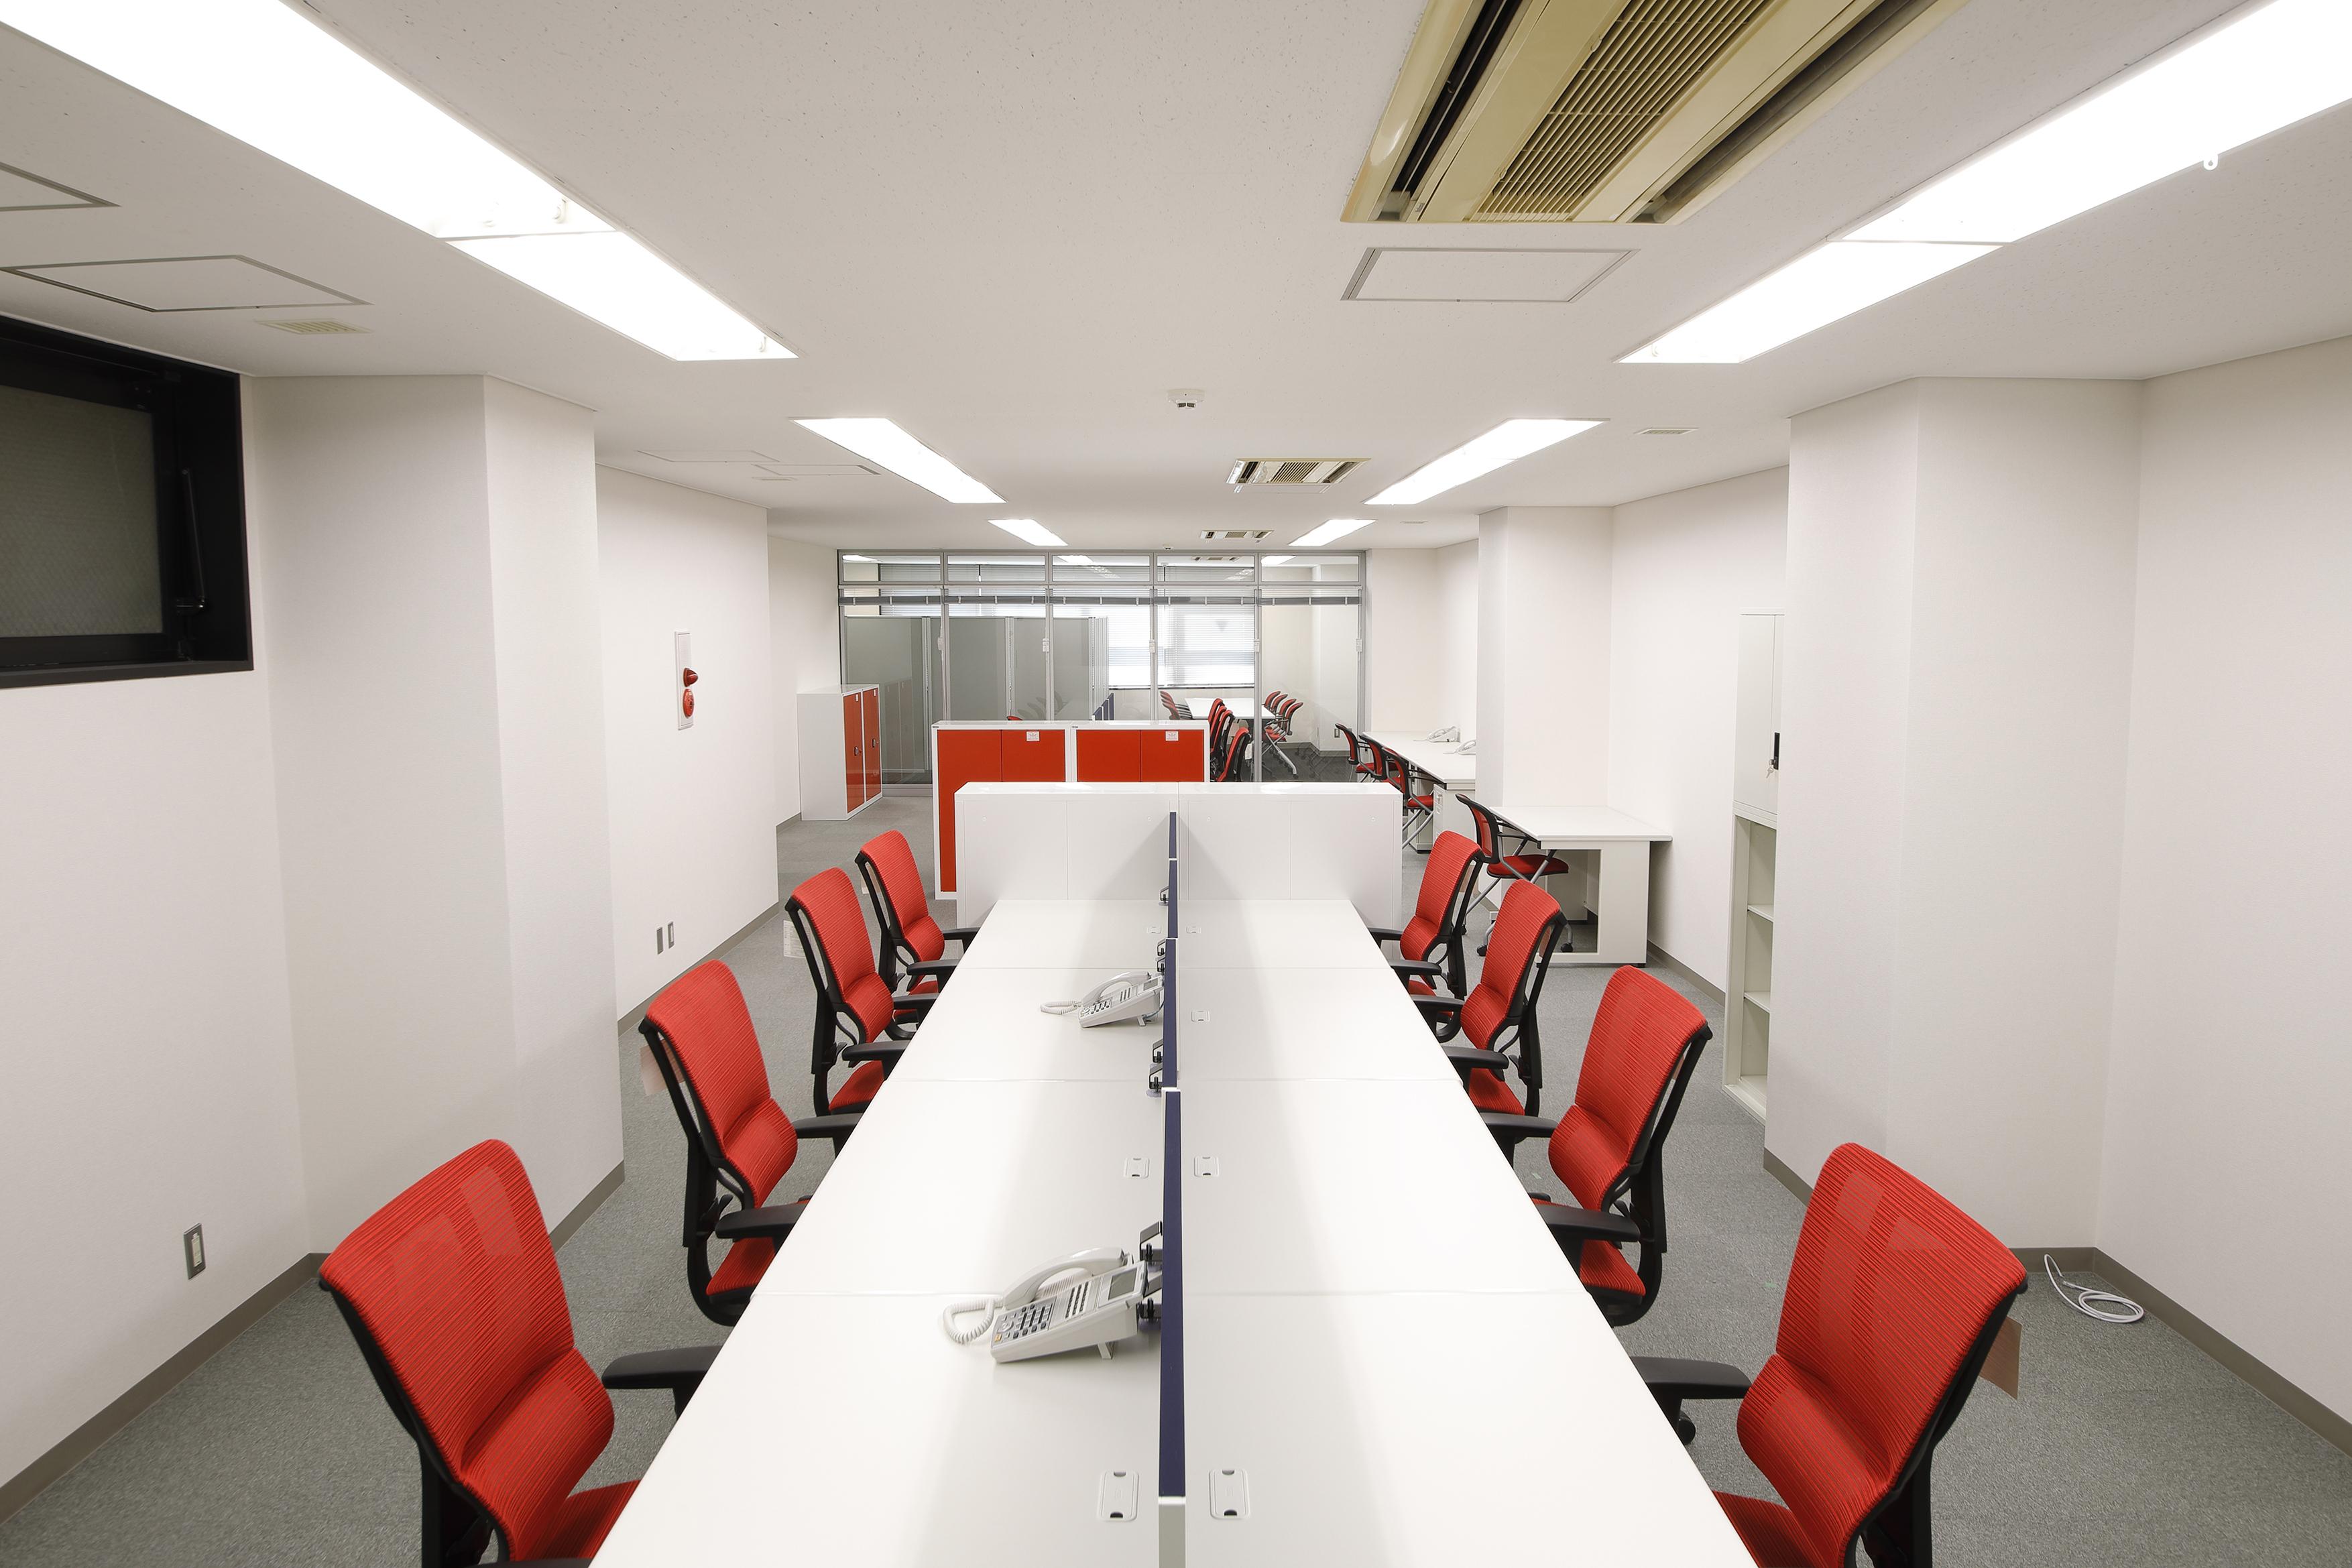 【居抜き】六本木駅近く、40~50坪。<br>ビビッドオレンジで元気になるオフィス